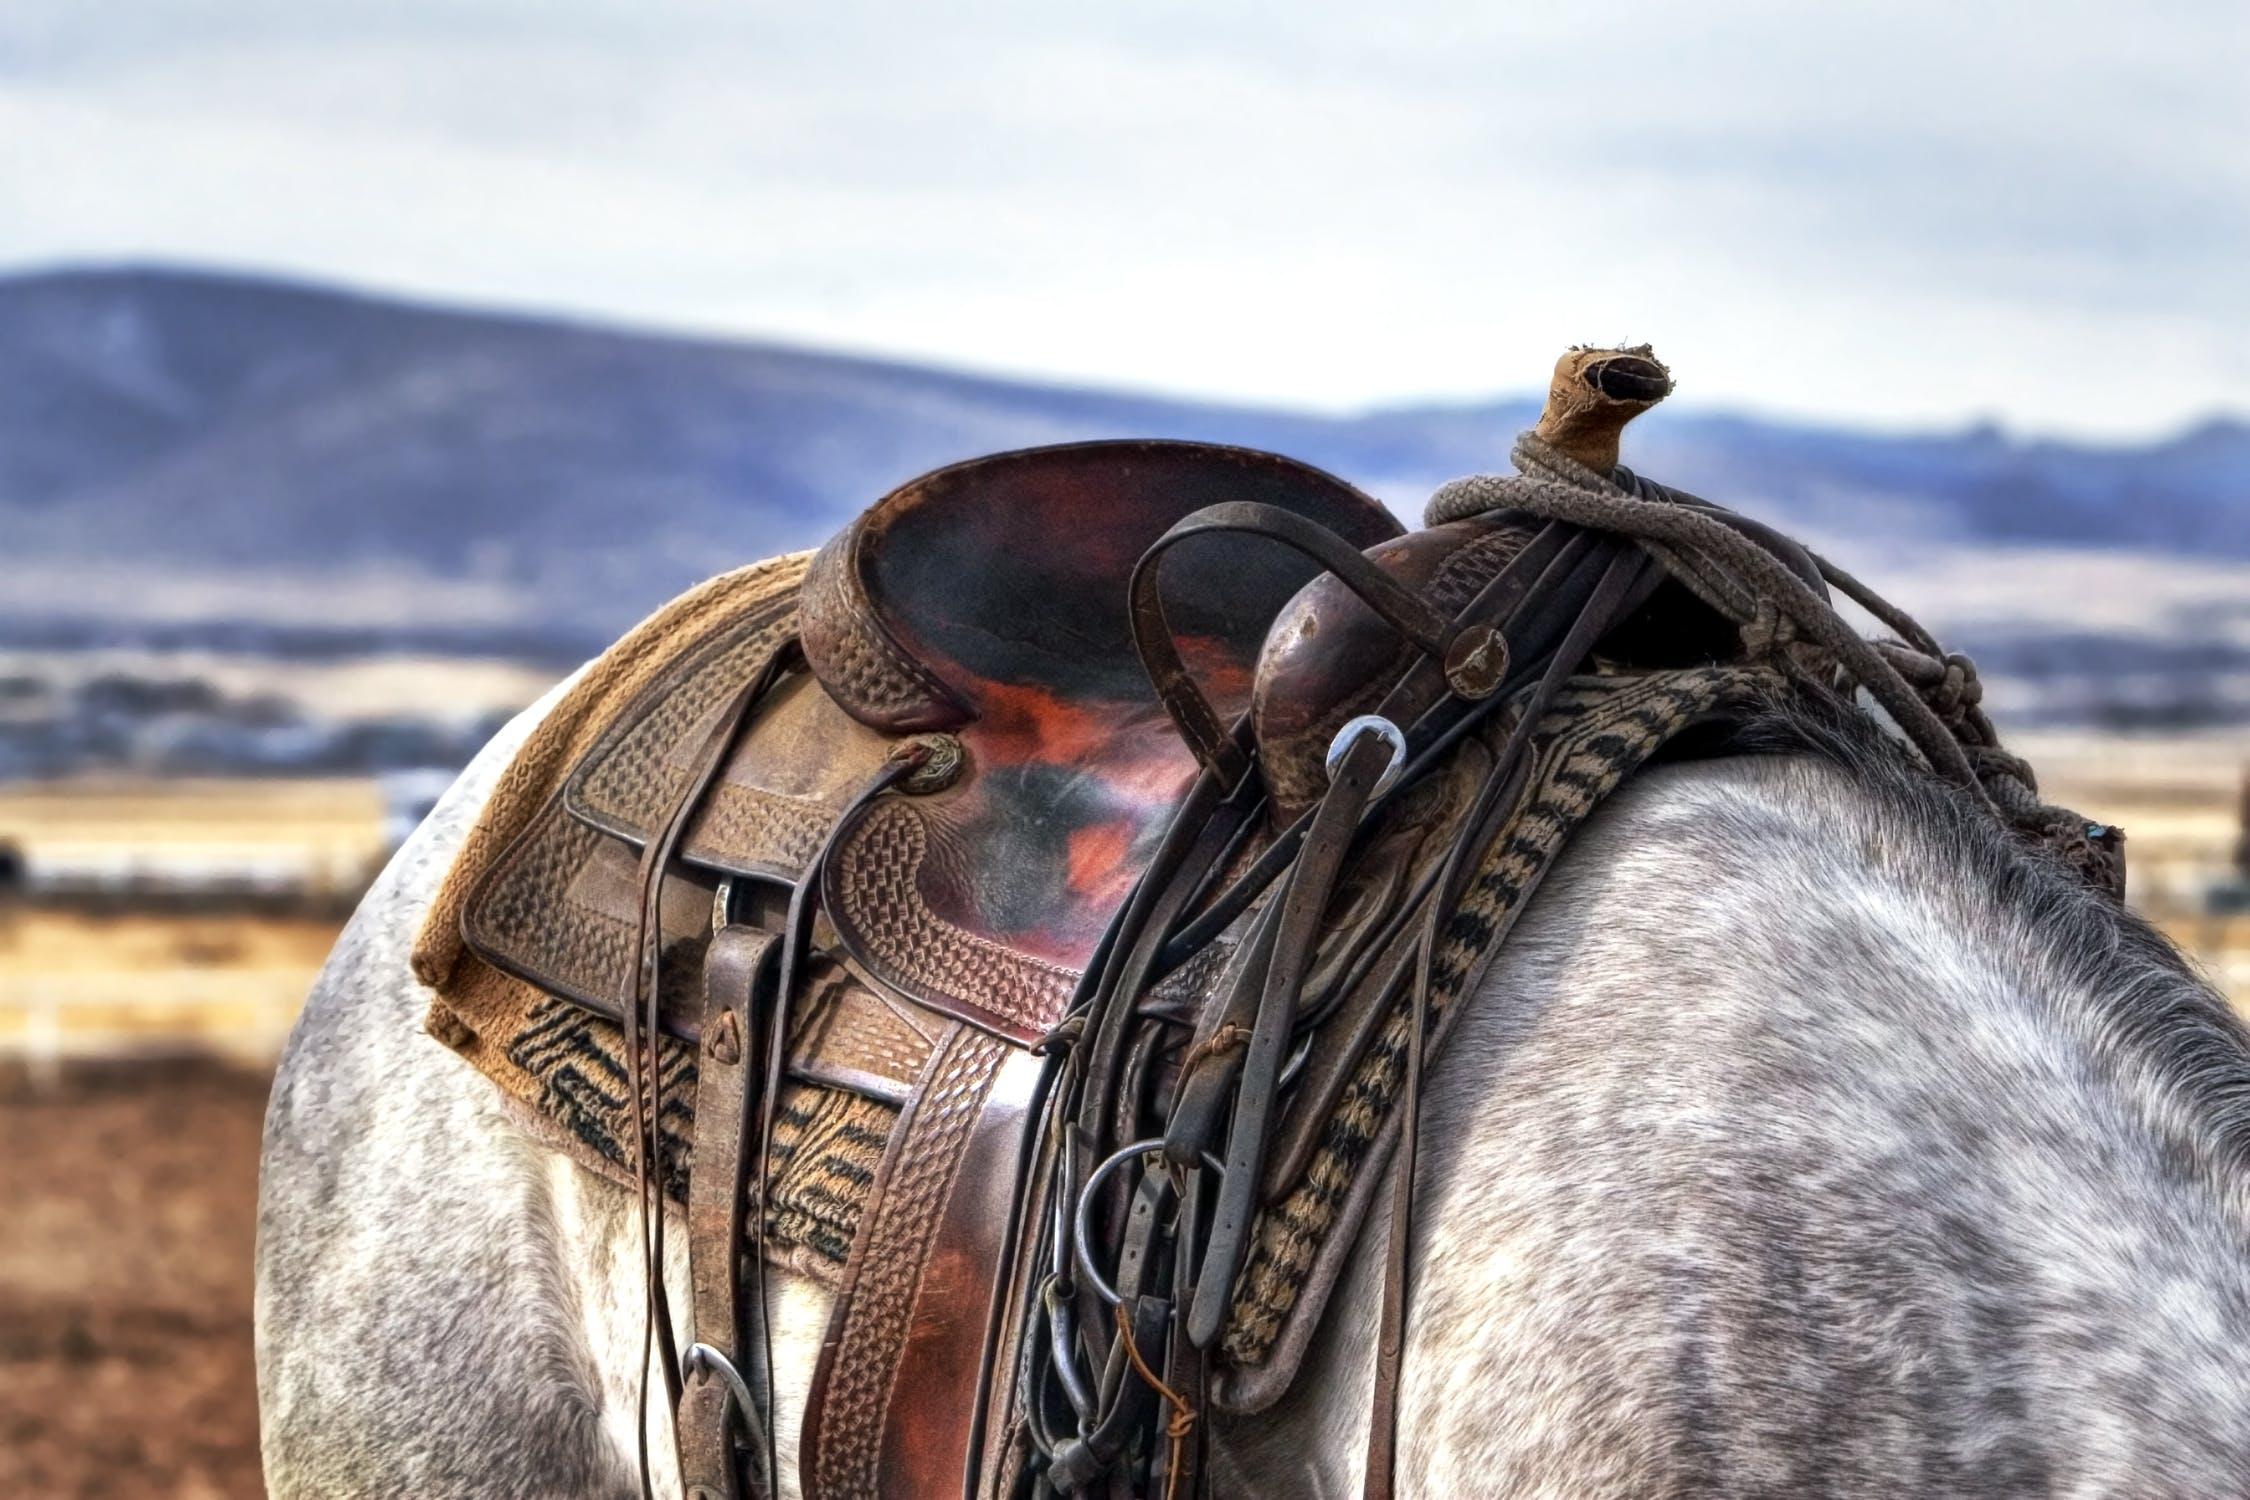 Zo kun je de spullen van en voor je paard goed opbergen en bewaren